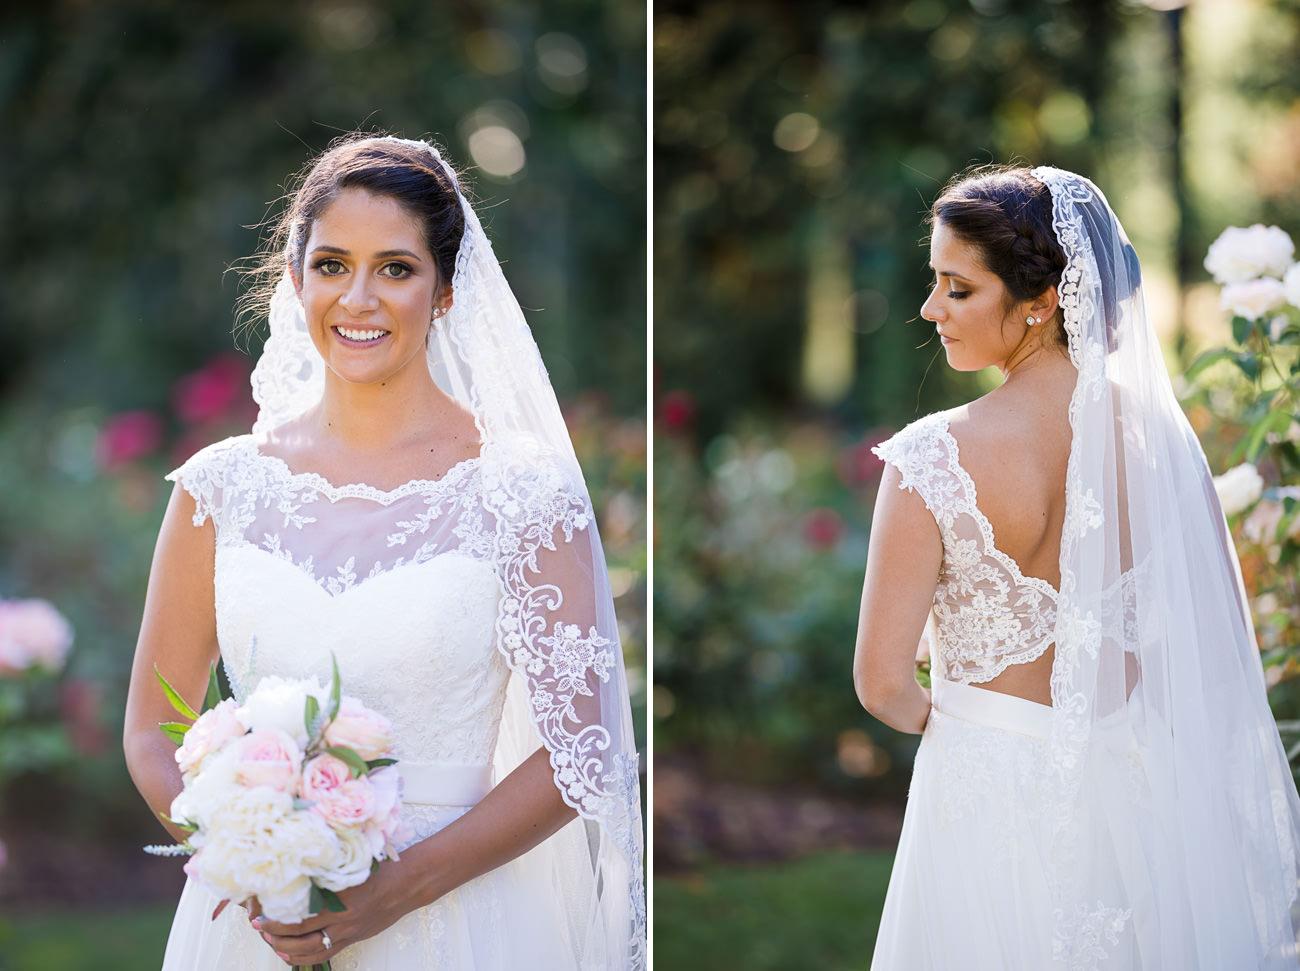 st-marys-catholic-wedding-40 St Marys Catholic Wedding   Eugene Oregon Photographer   Ariana & Chavo